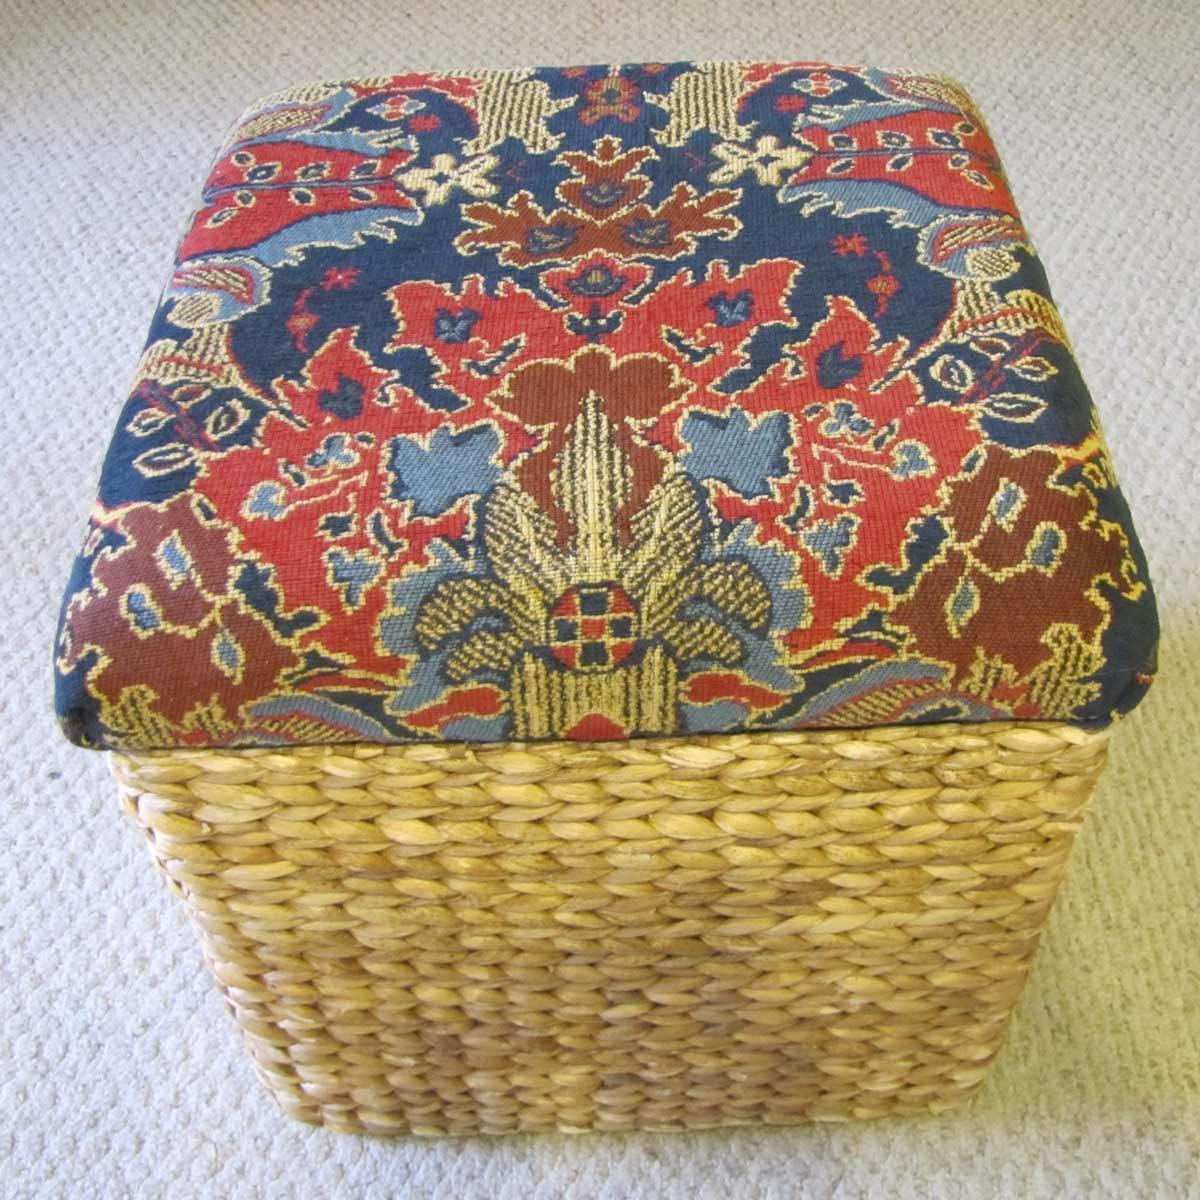 Basket footstool